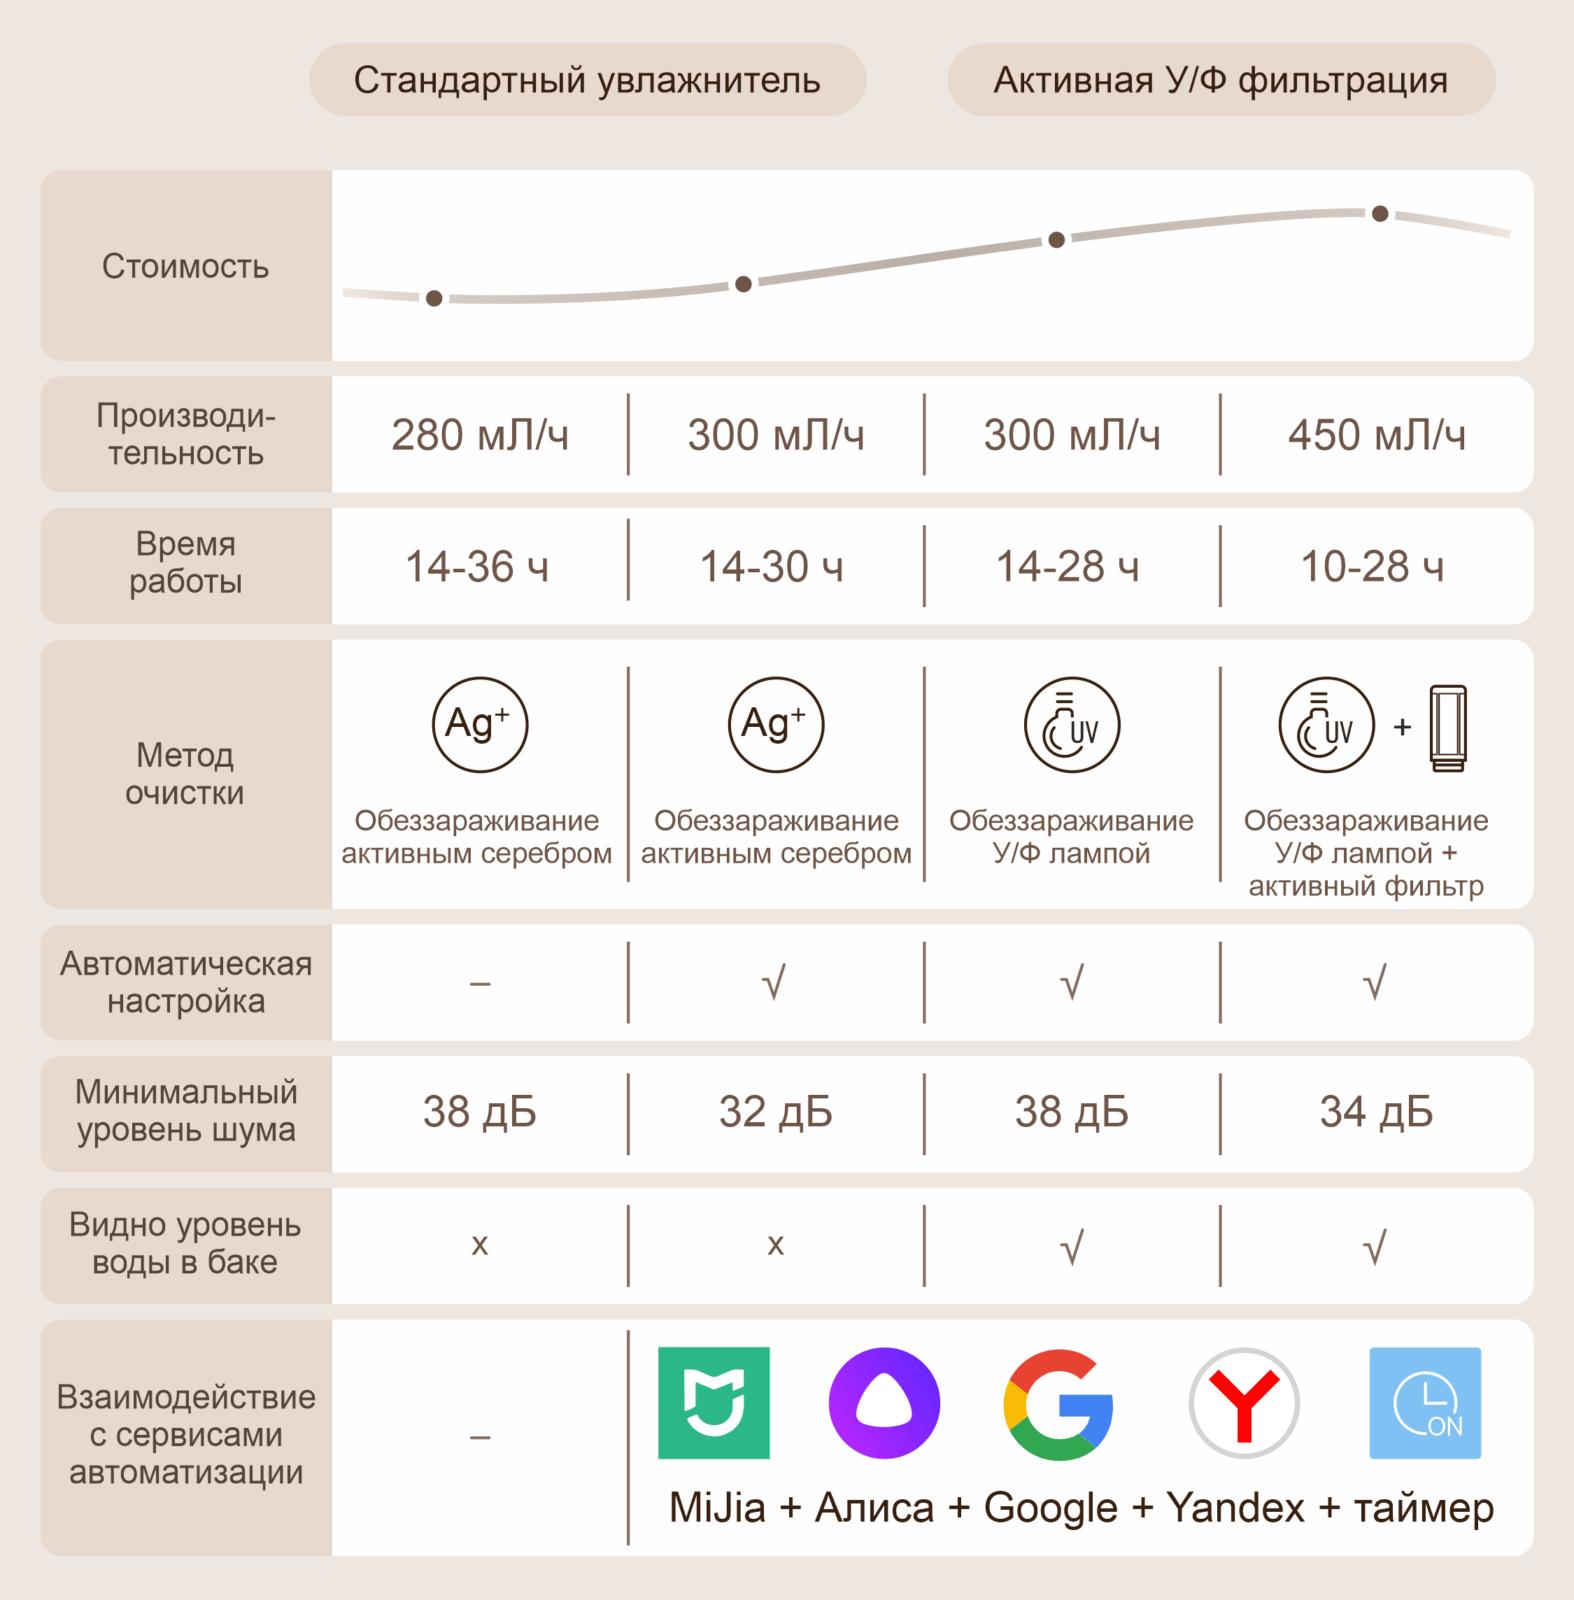 Увлажнитель воздуха Xiaomi Mijia Smart Air Humidifier 4L